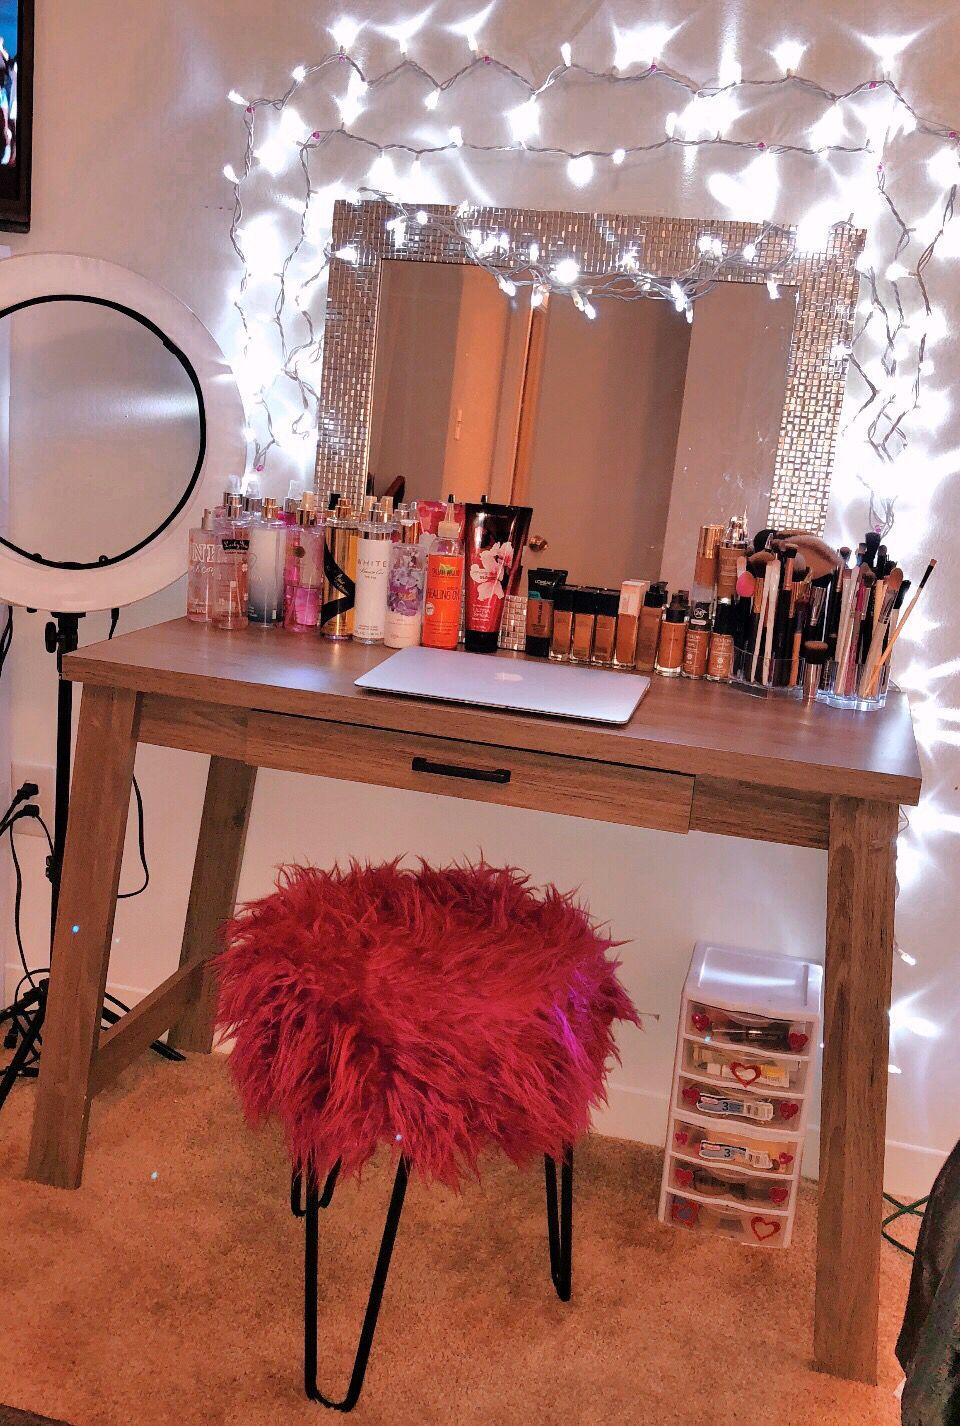 Diy Makeup Vanity By Nisha Lovee Diy Vanity Table Diy Makeup Vanity Makeup Table Vanity